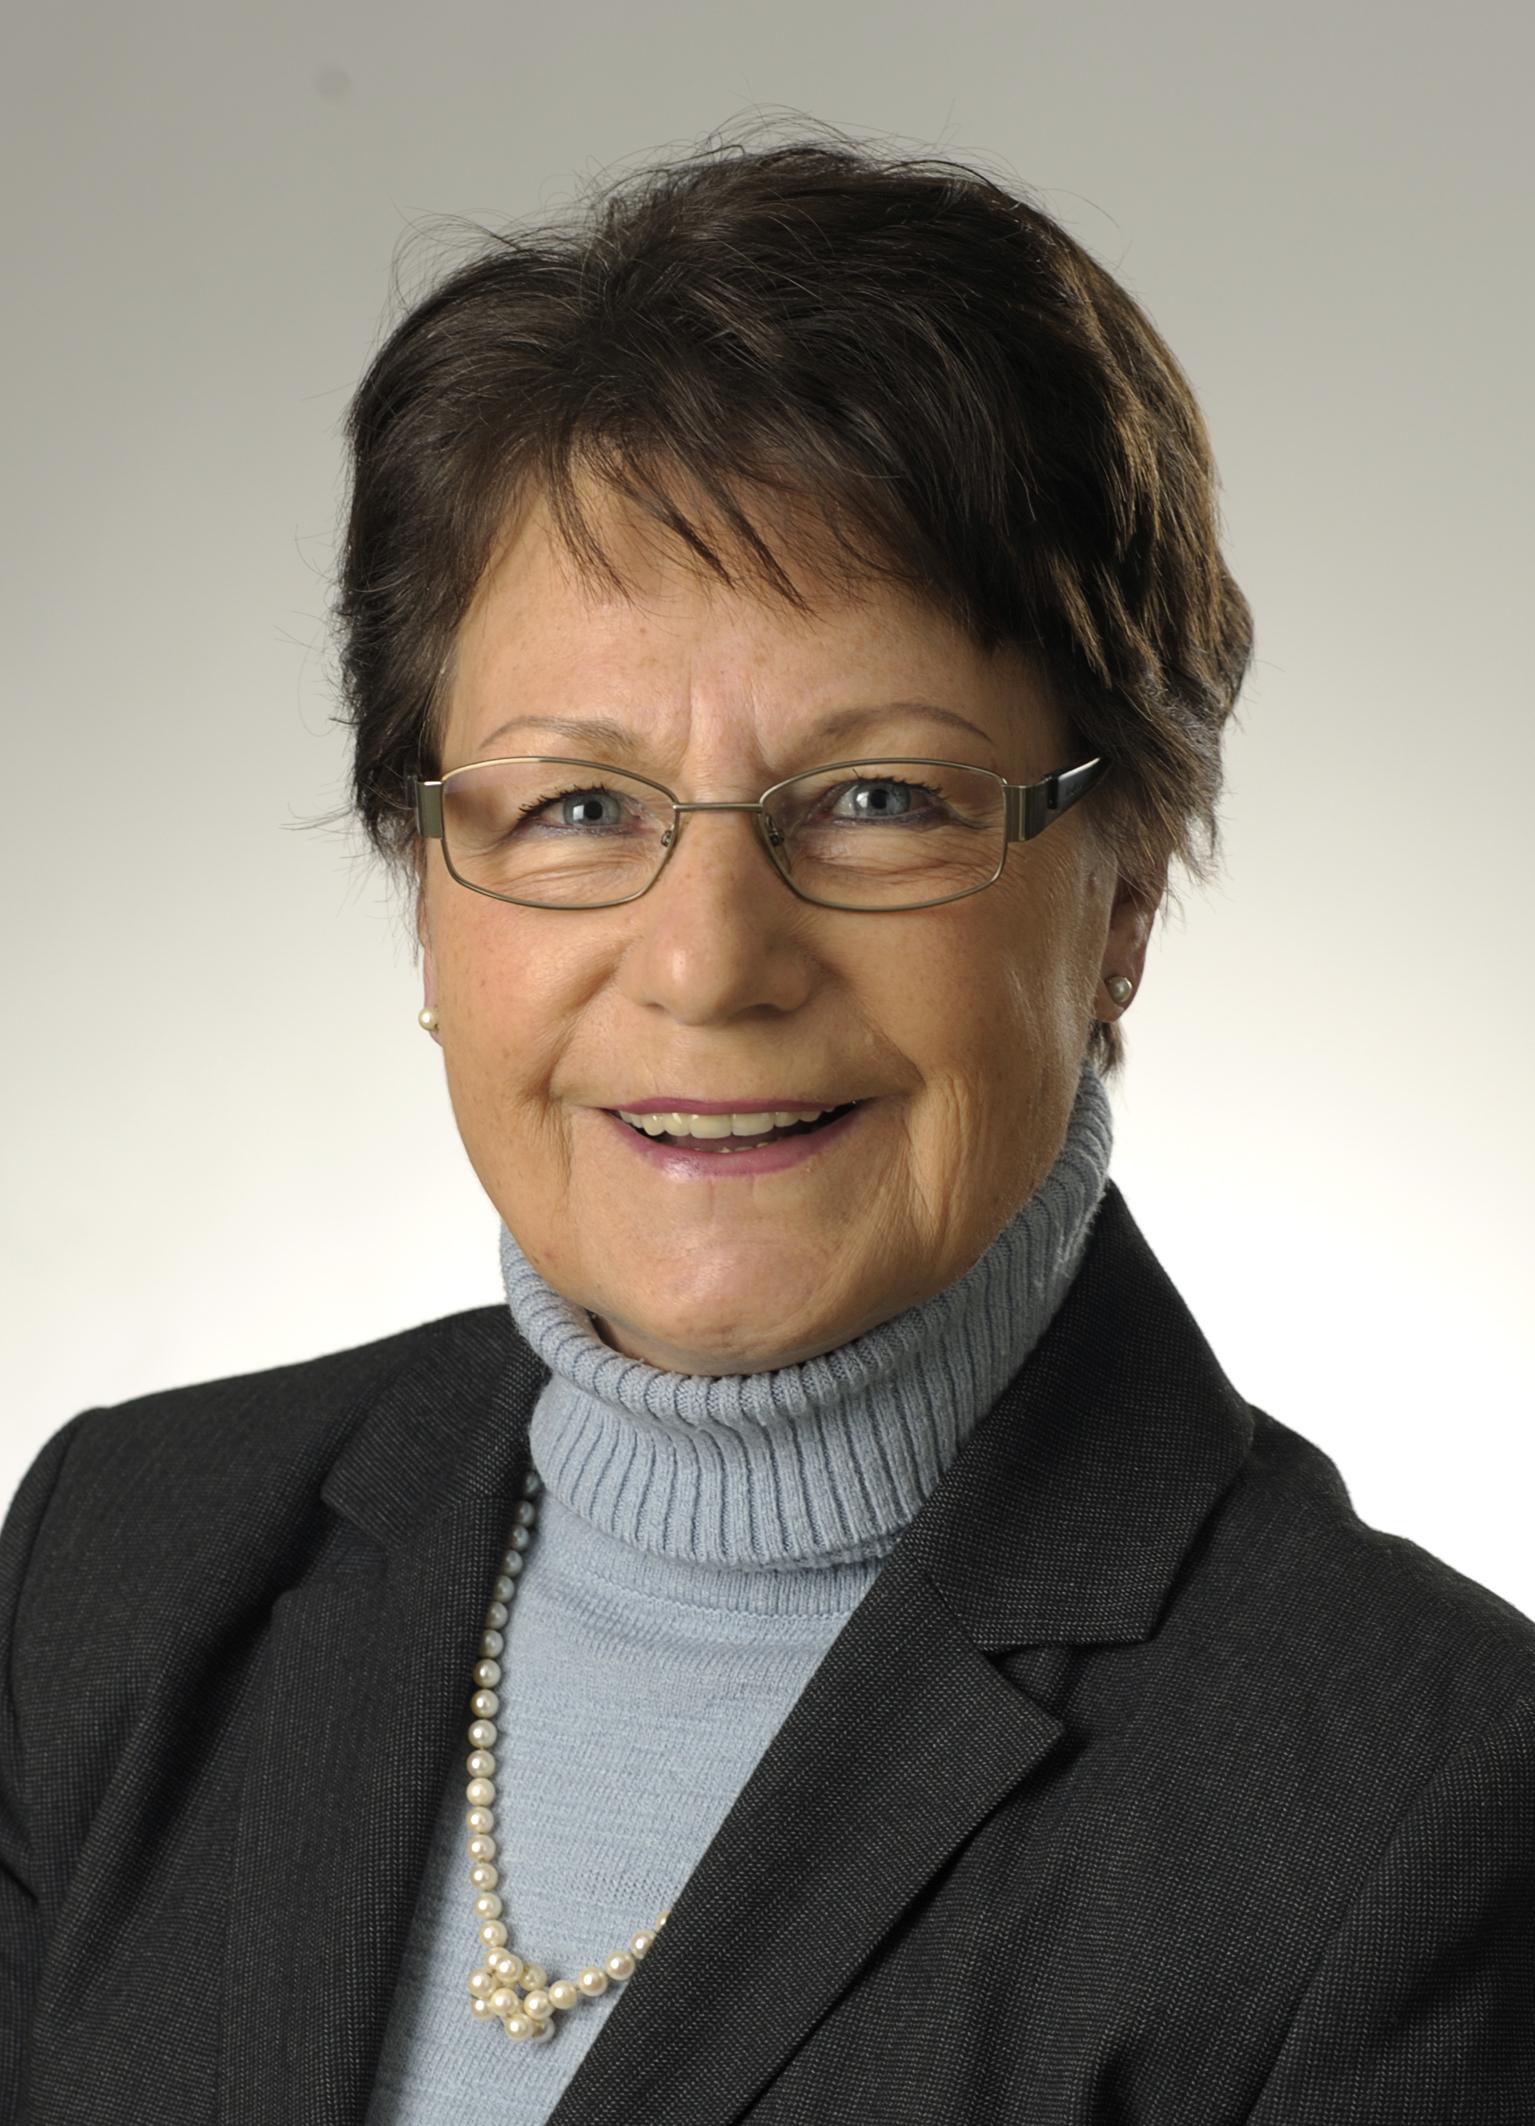 Wir gratulieren Ursula Hörger zum 75. Geburtstag